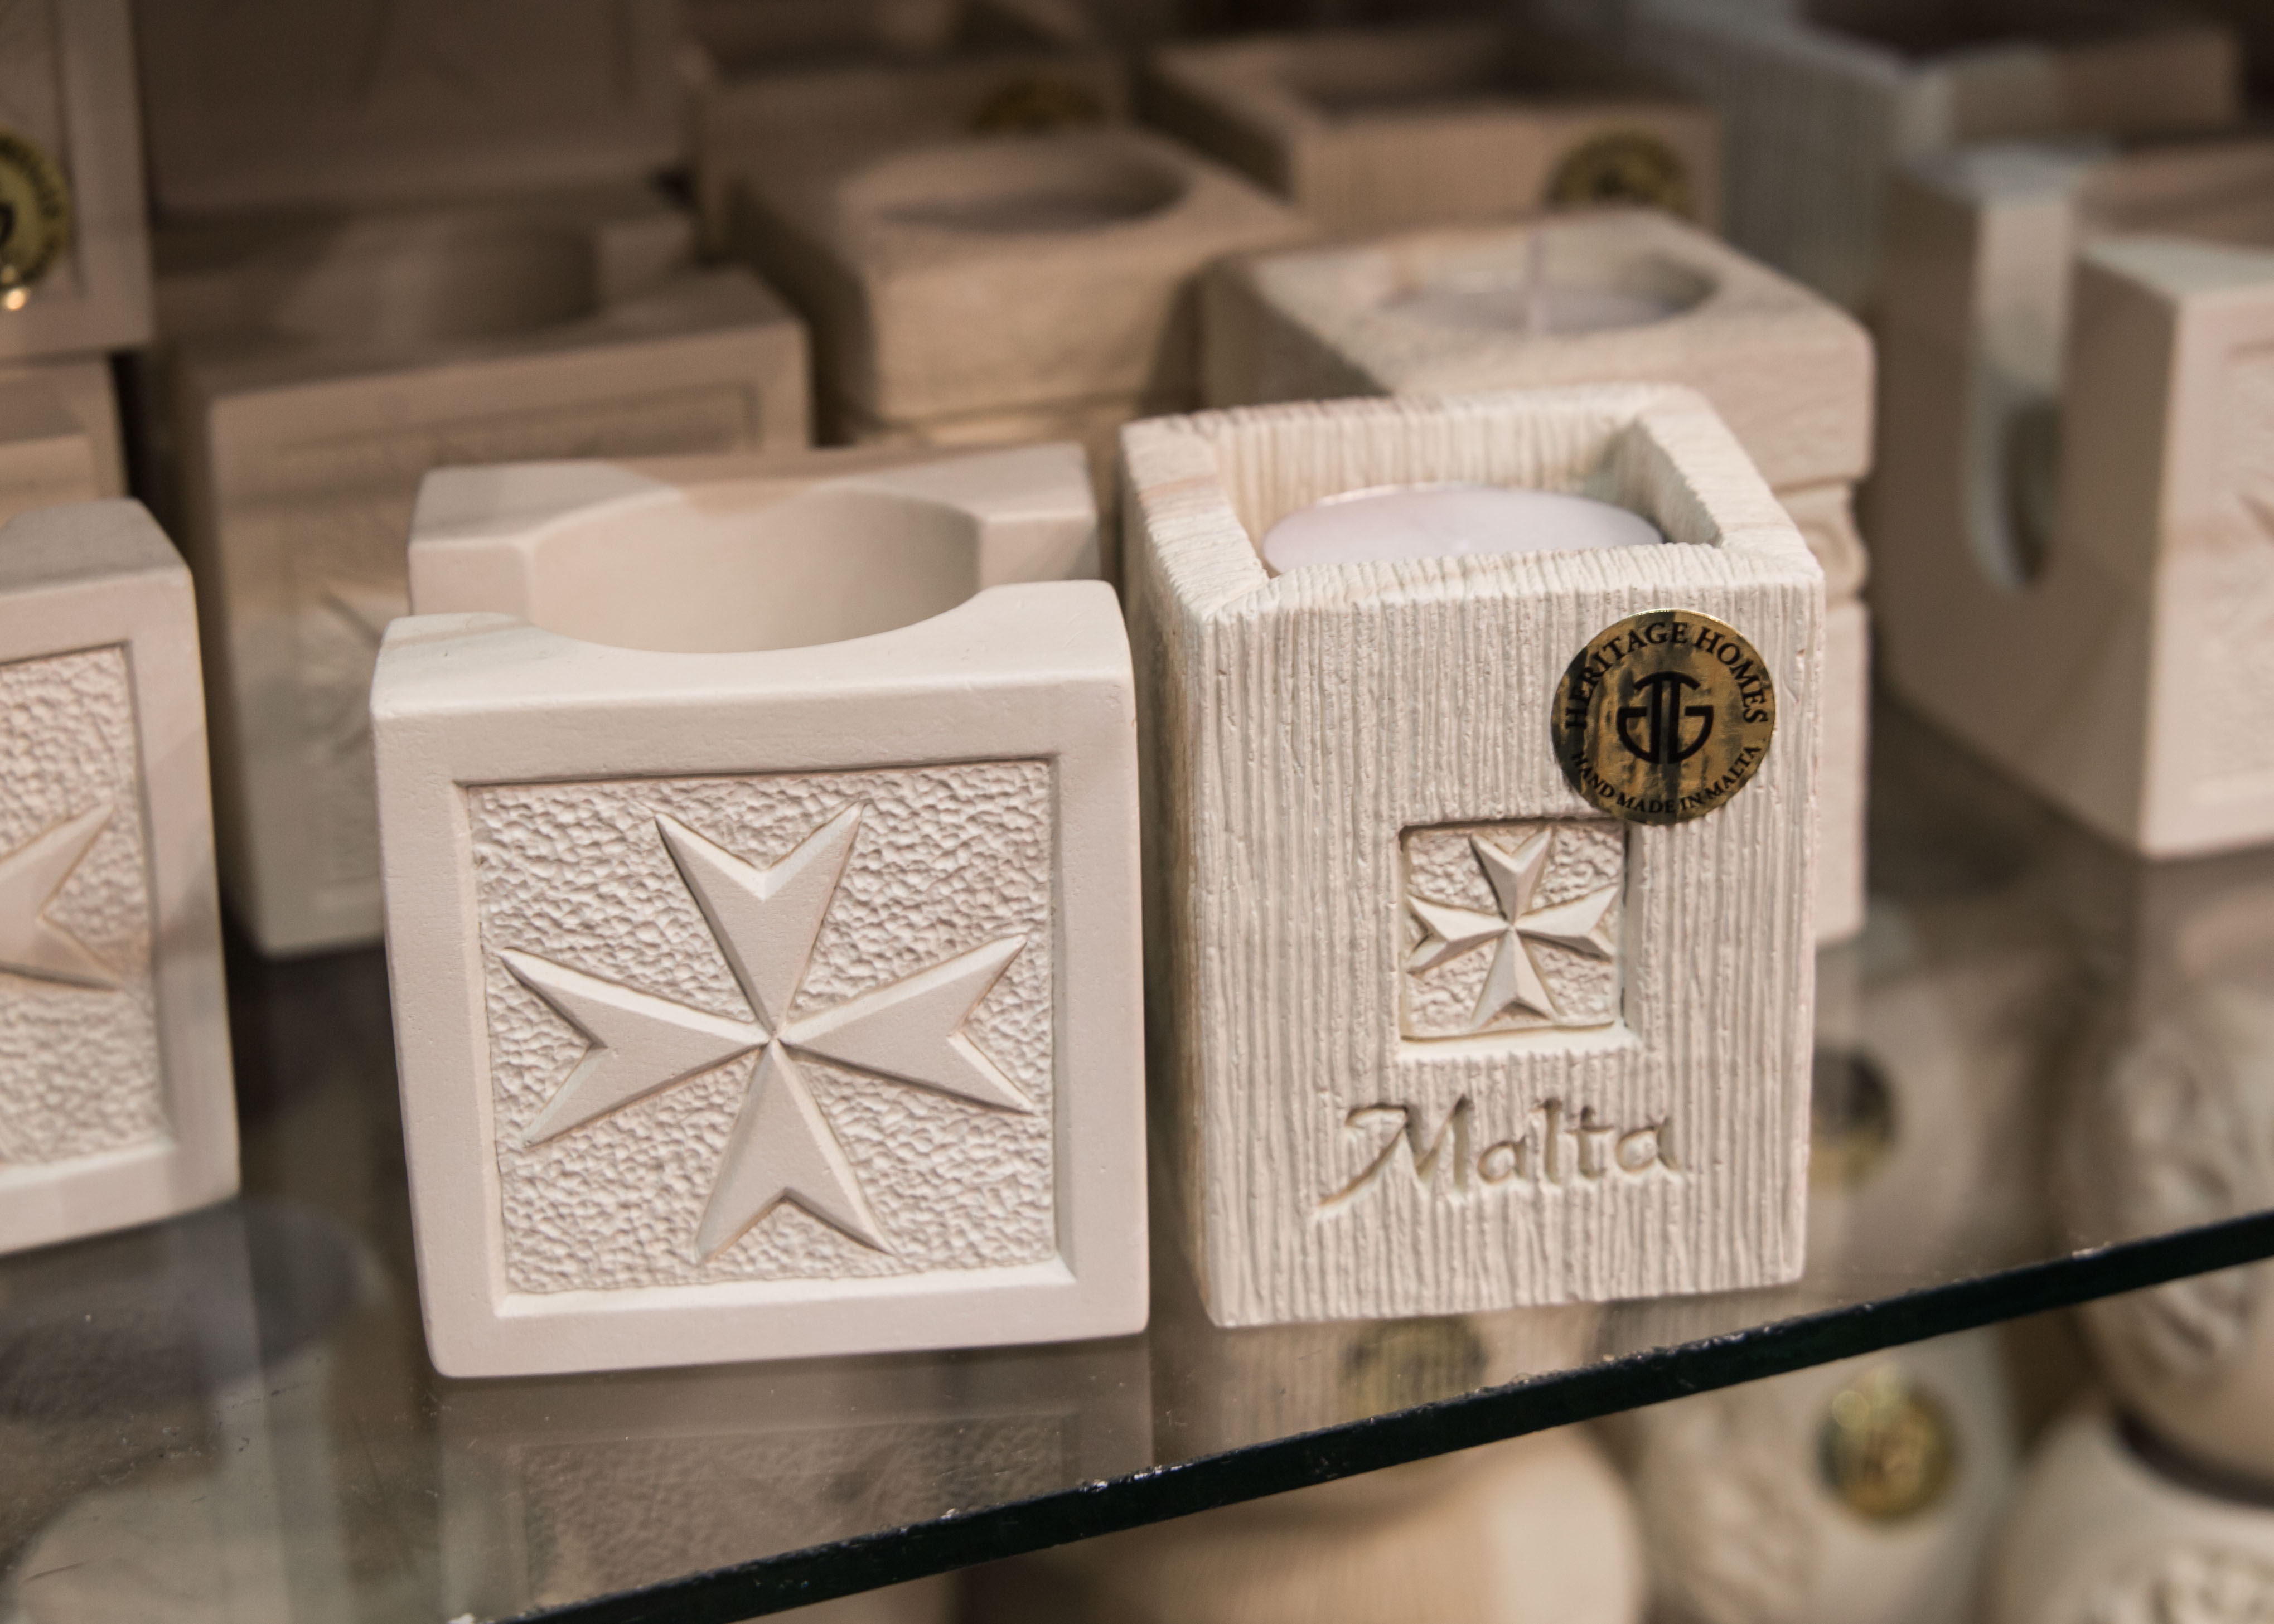 Malta souvenirs: Limestone